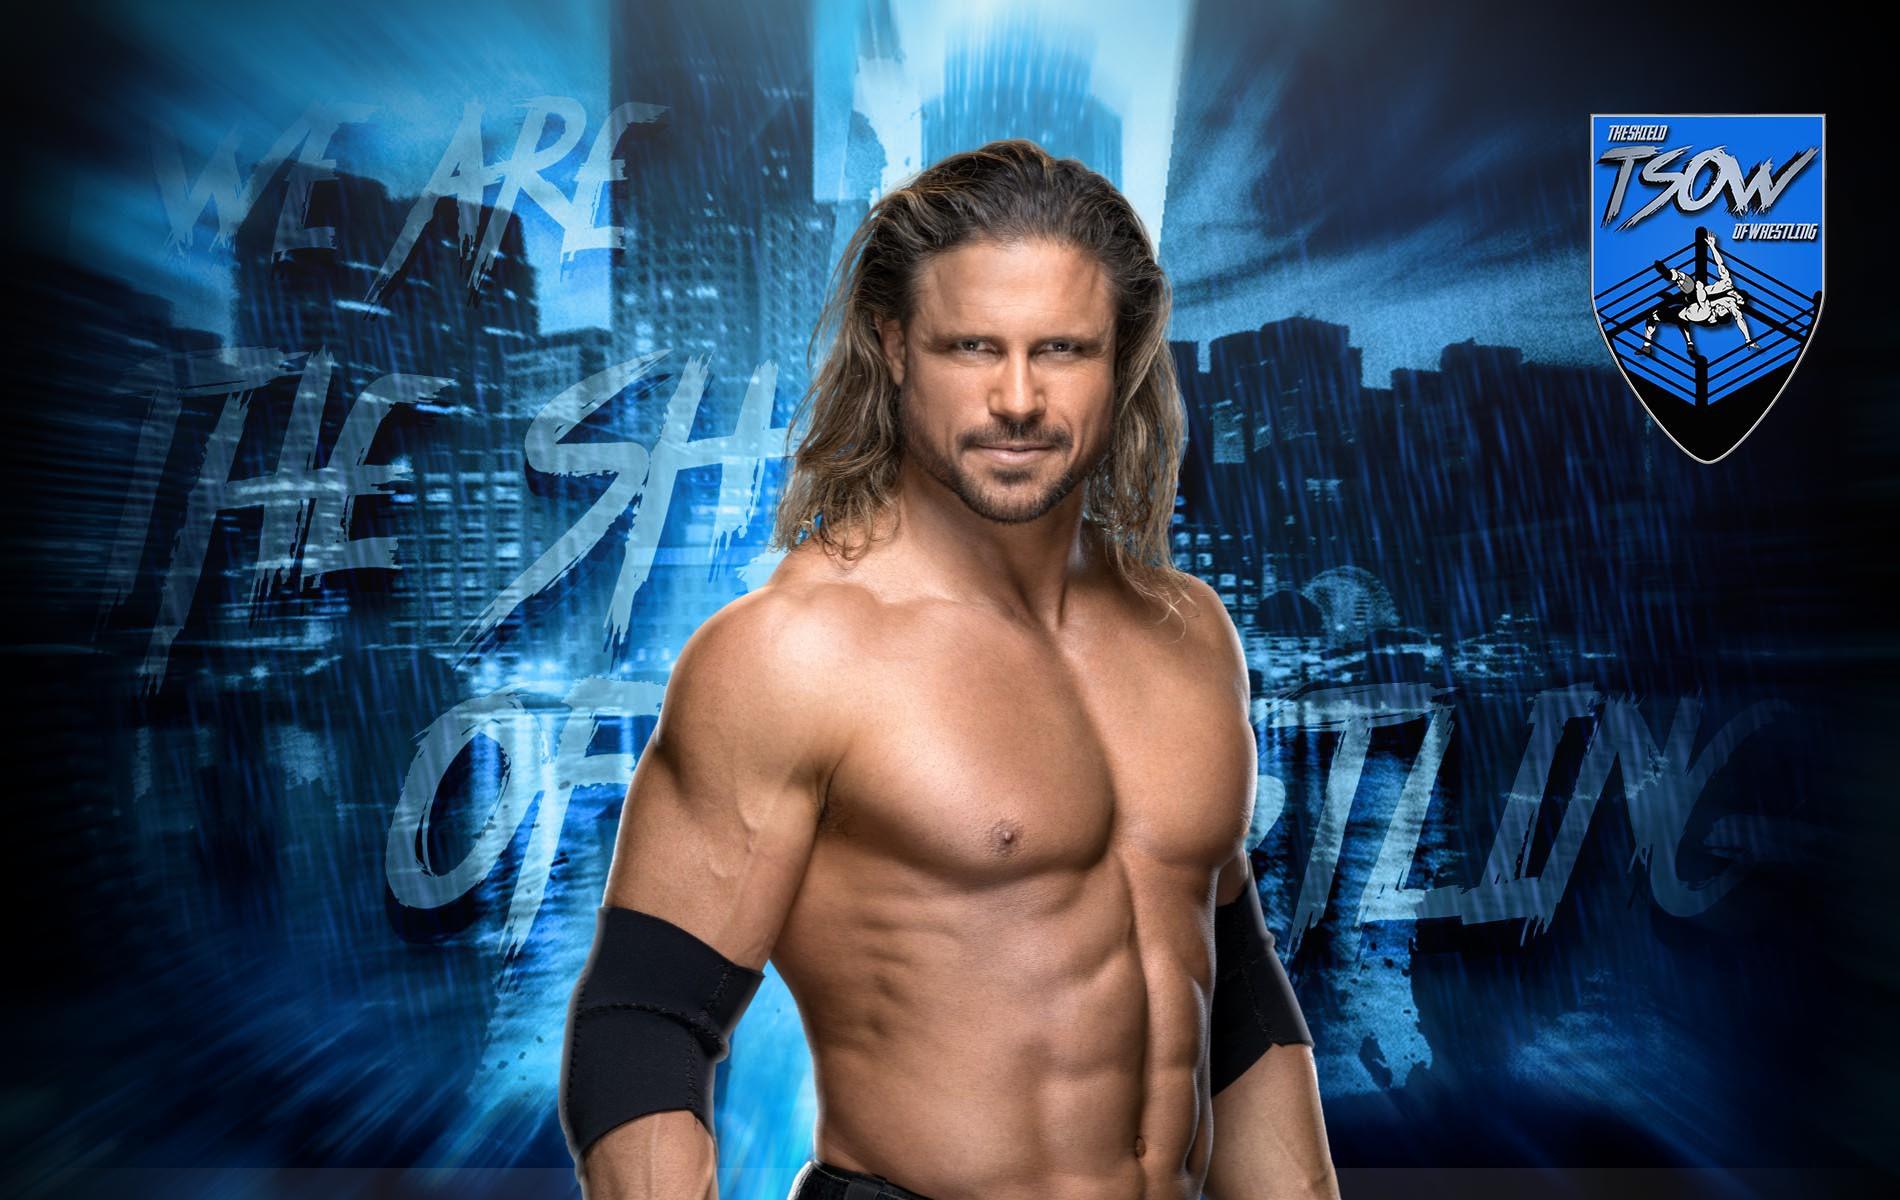 John Morrison si complimenta con Franky Monet per il suo debutto ad NXT